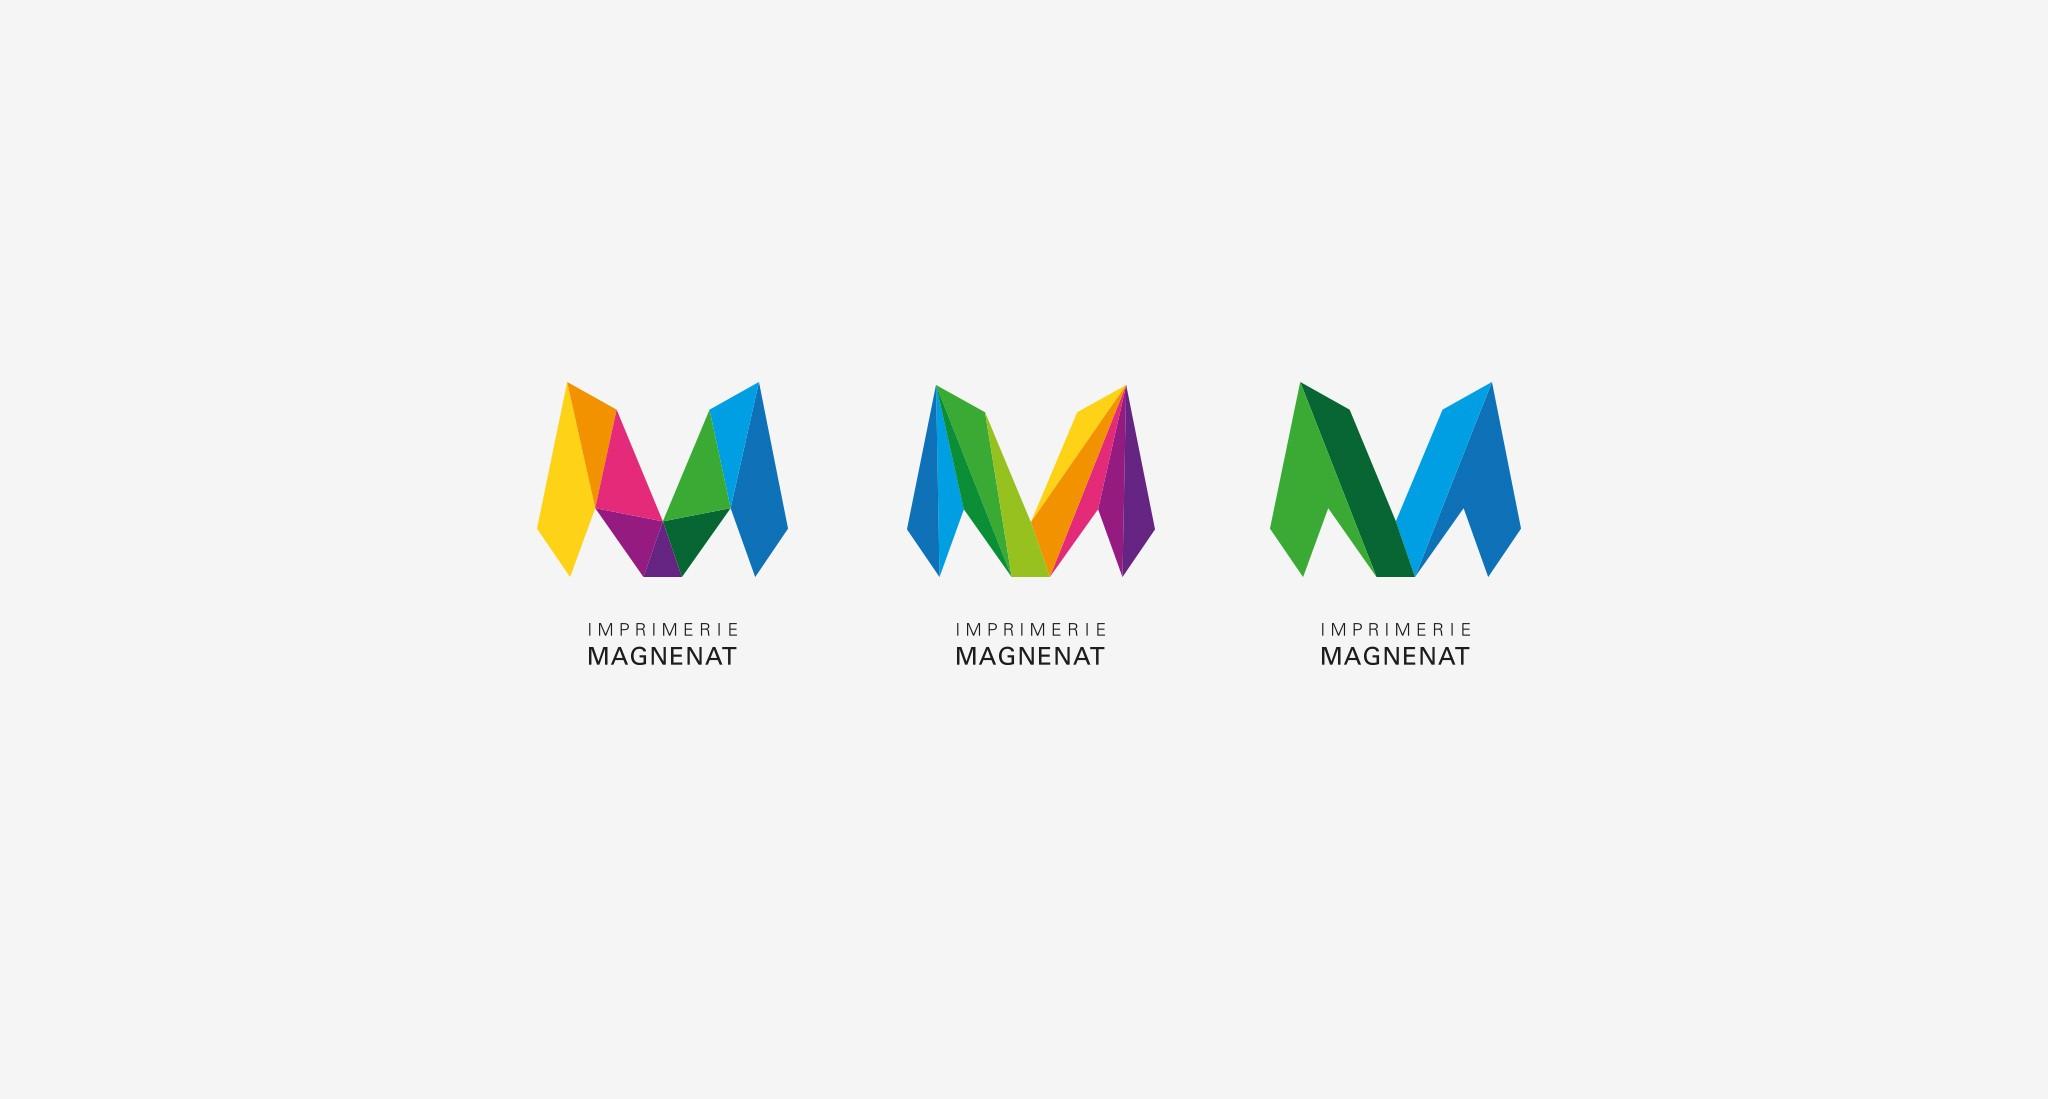 Les différentes dérive du logo de l'imprimerie magnenat